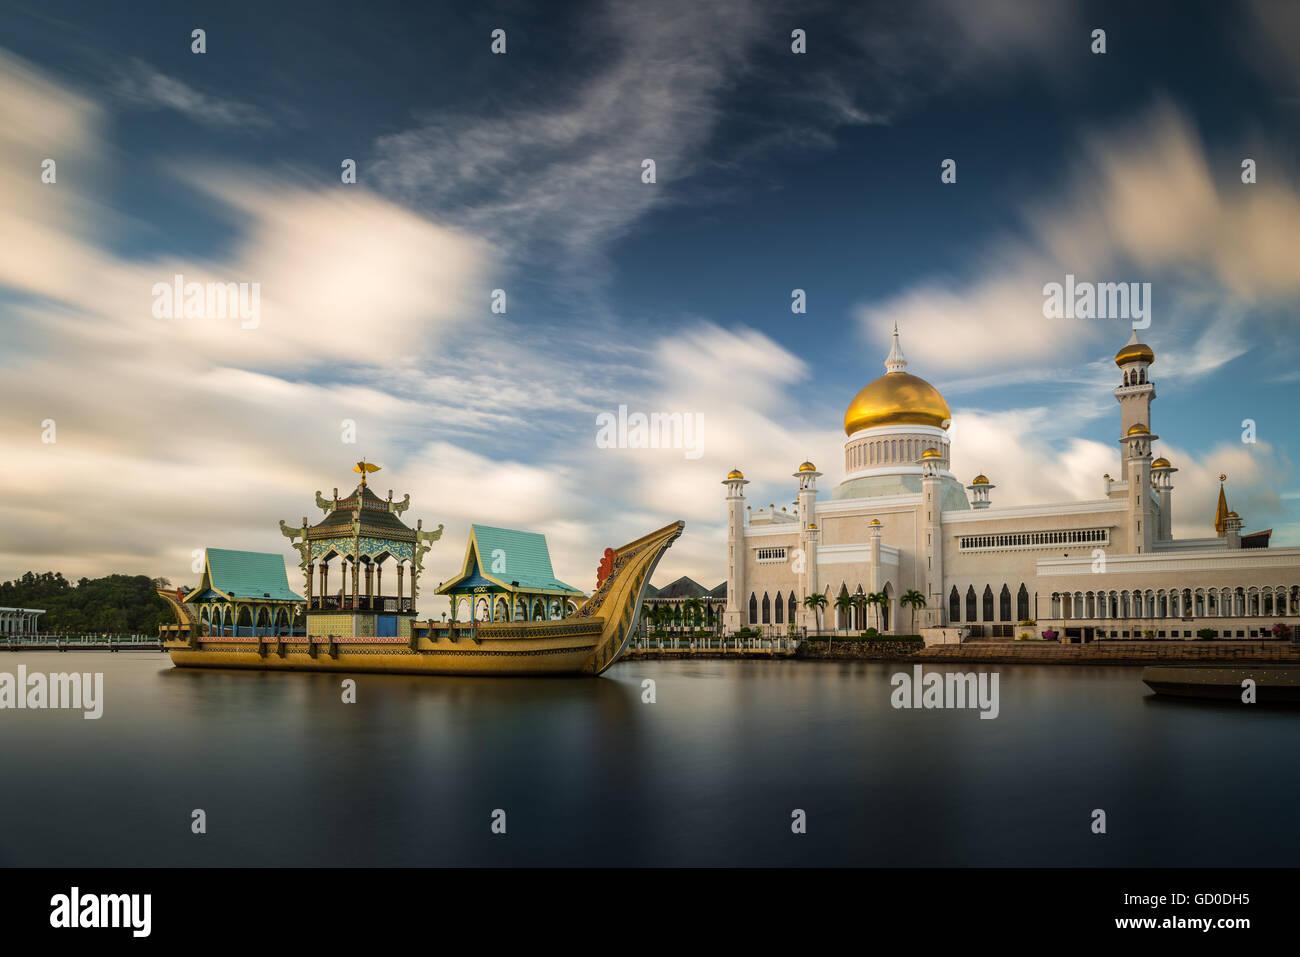 Una lunga esposizione delle nubi drifiting oltre il sultano Omar Ali Saifuddin Moschea in Bandar Seri Begawan, Brunei. Immagini Stock